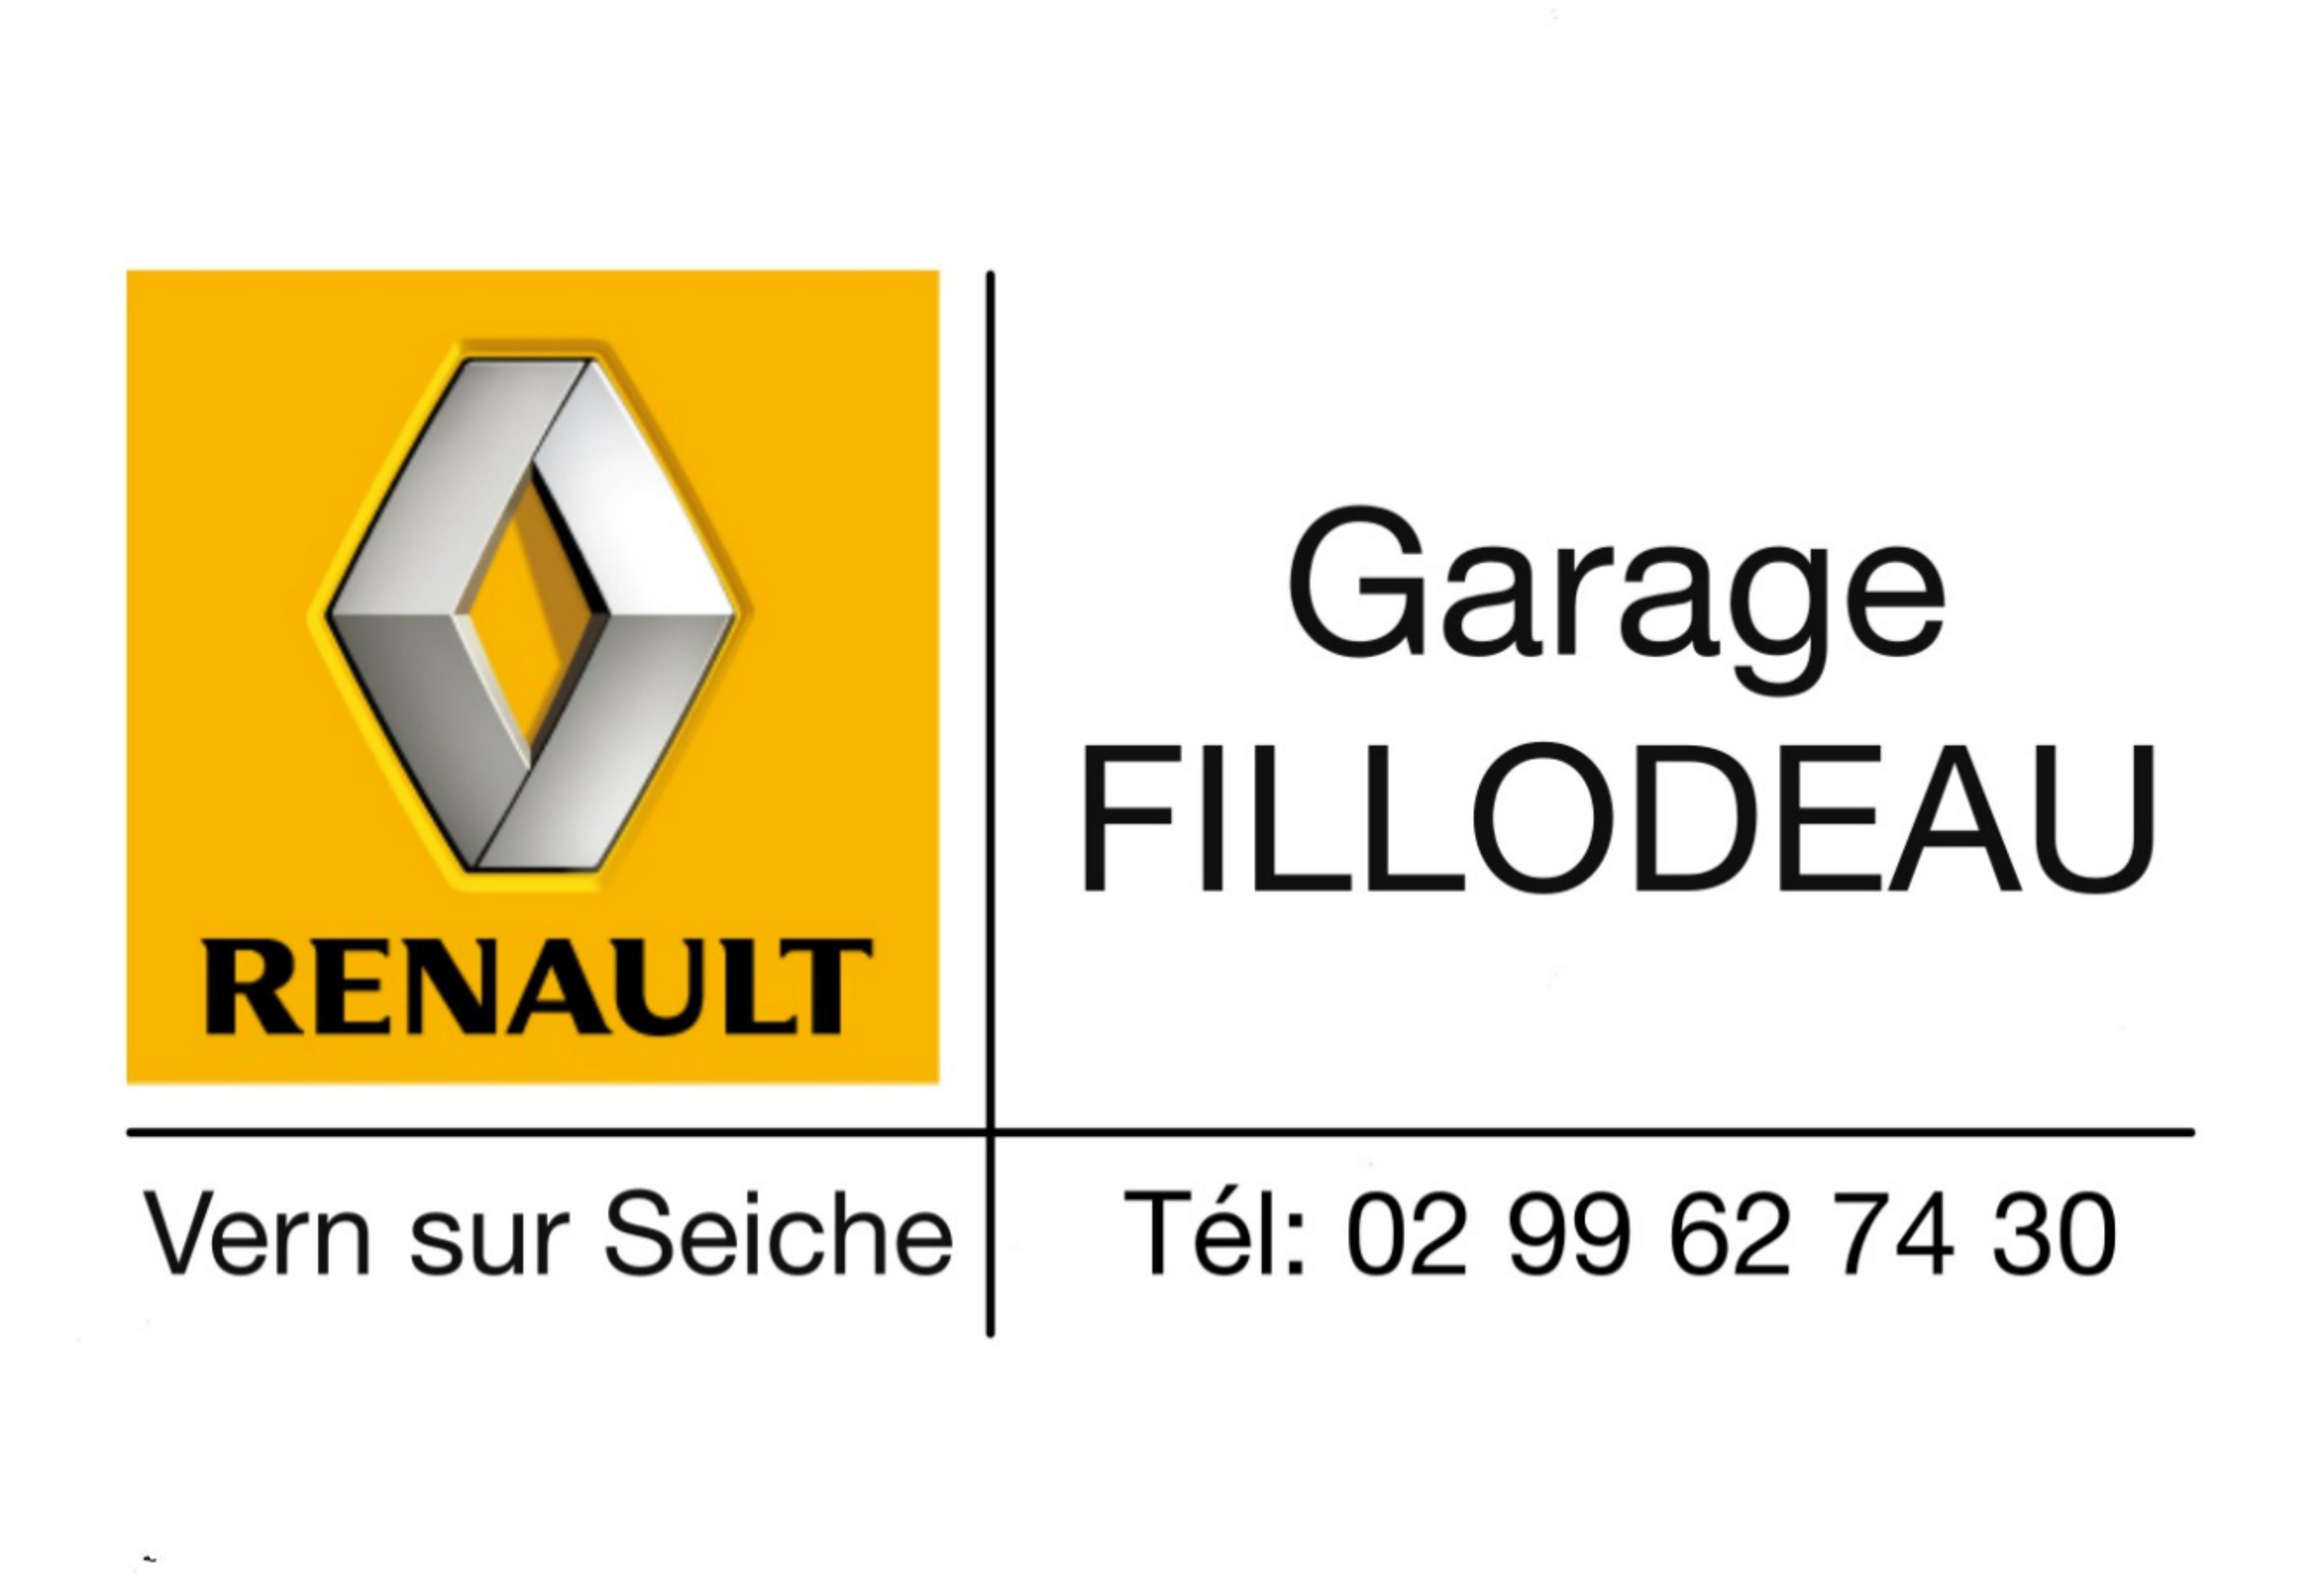 Garage Renaud Fillodeau